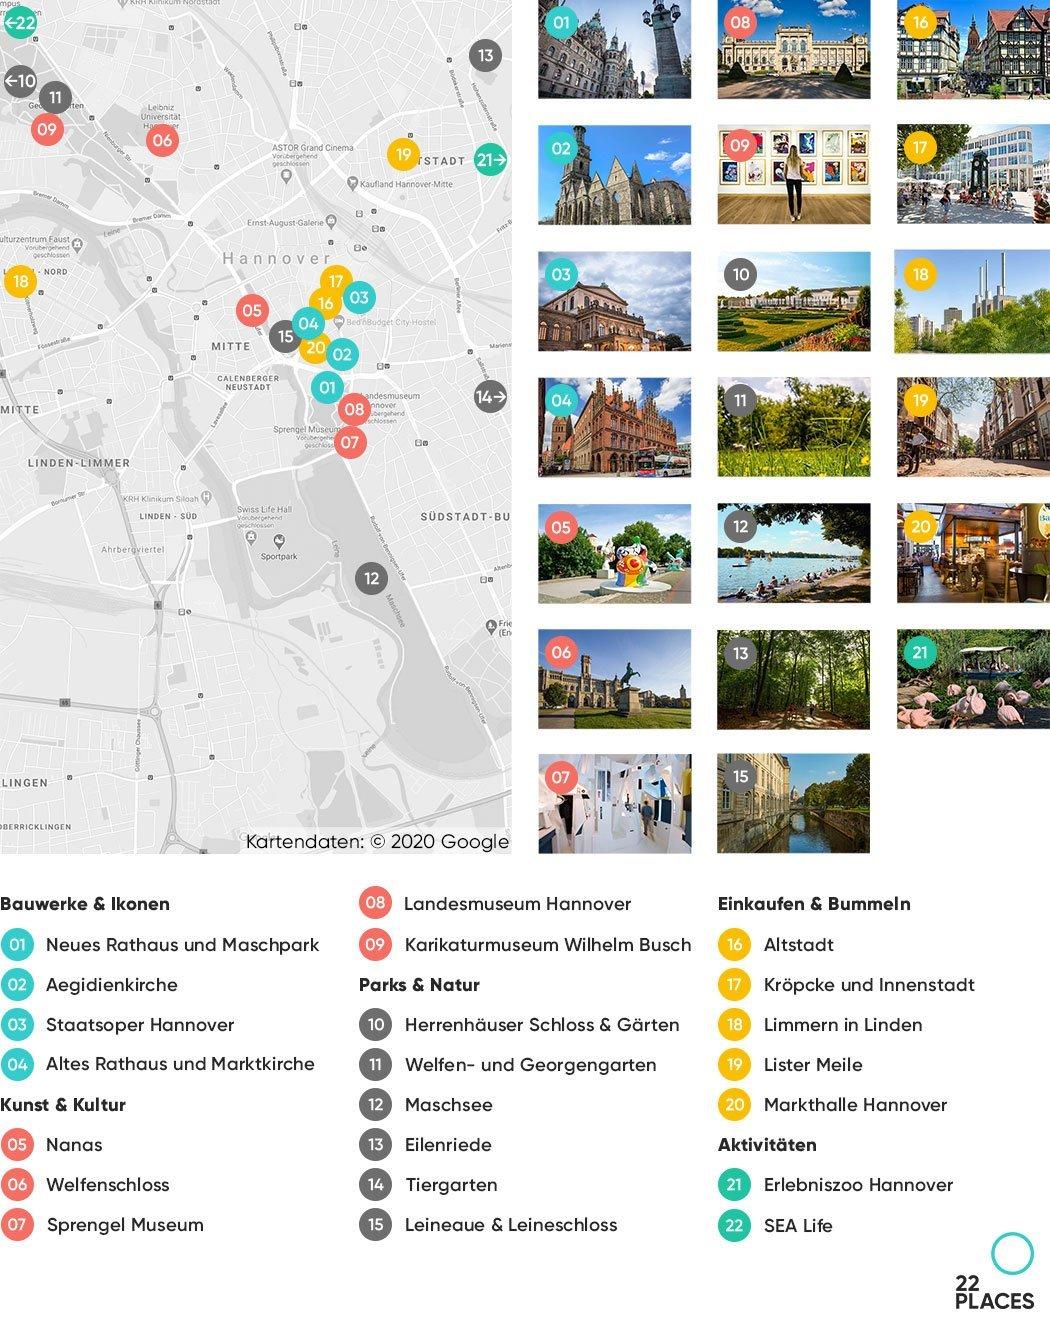 Hannover Sehenswürdigkeiten Karte